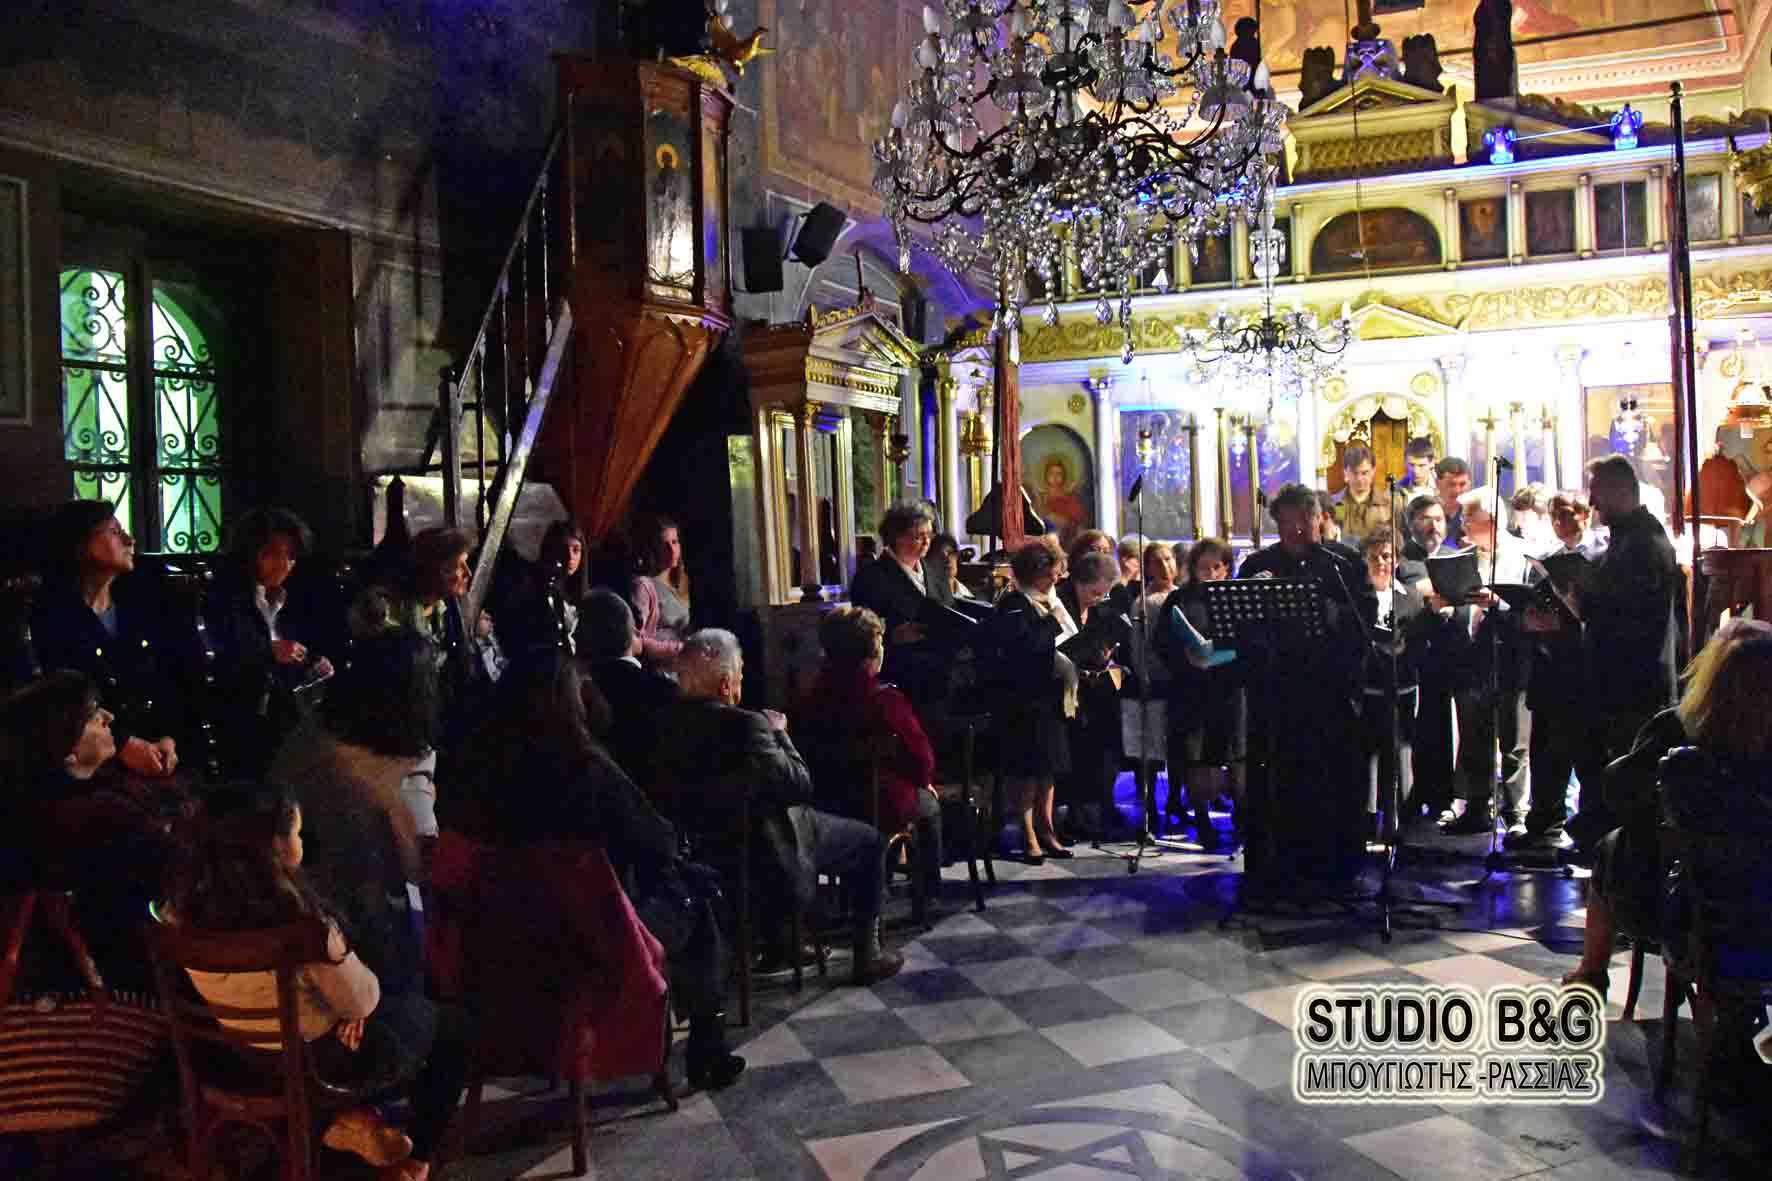 Μελωδίες του Θείου Πάθους της Μ. Εβδομάδος στον ιστορικό ναό του Αγίου Σπυρίδωνα στο Ναύπλιο